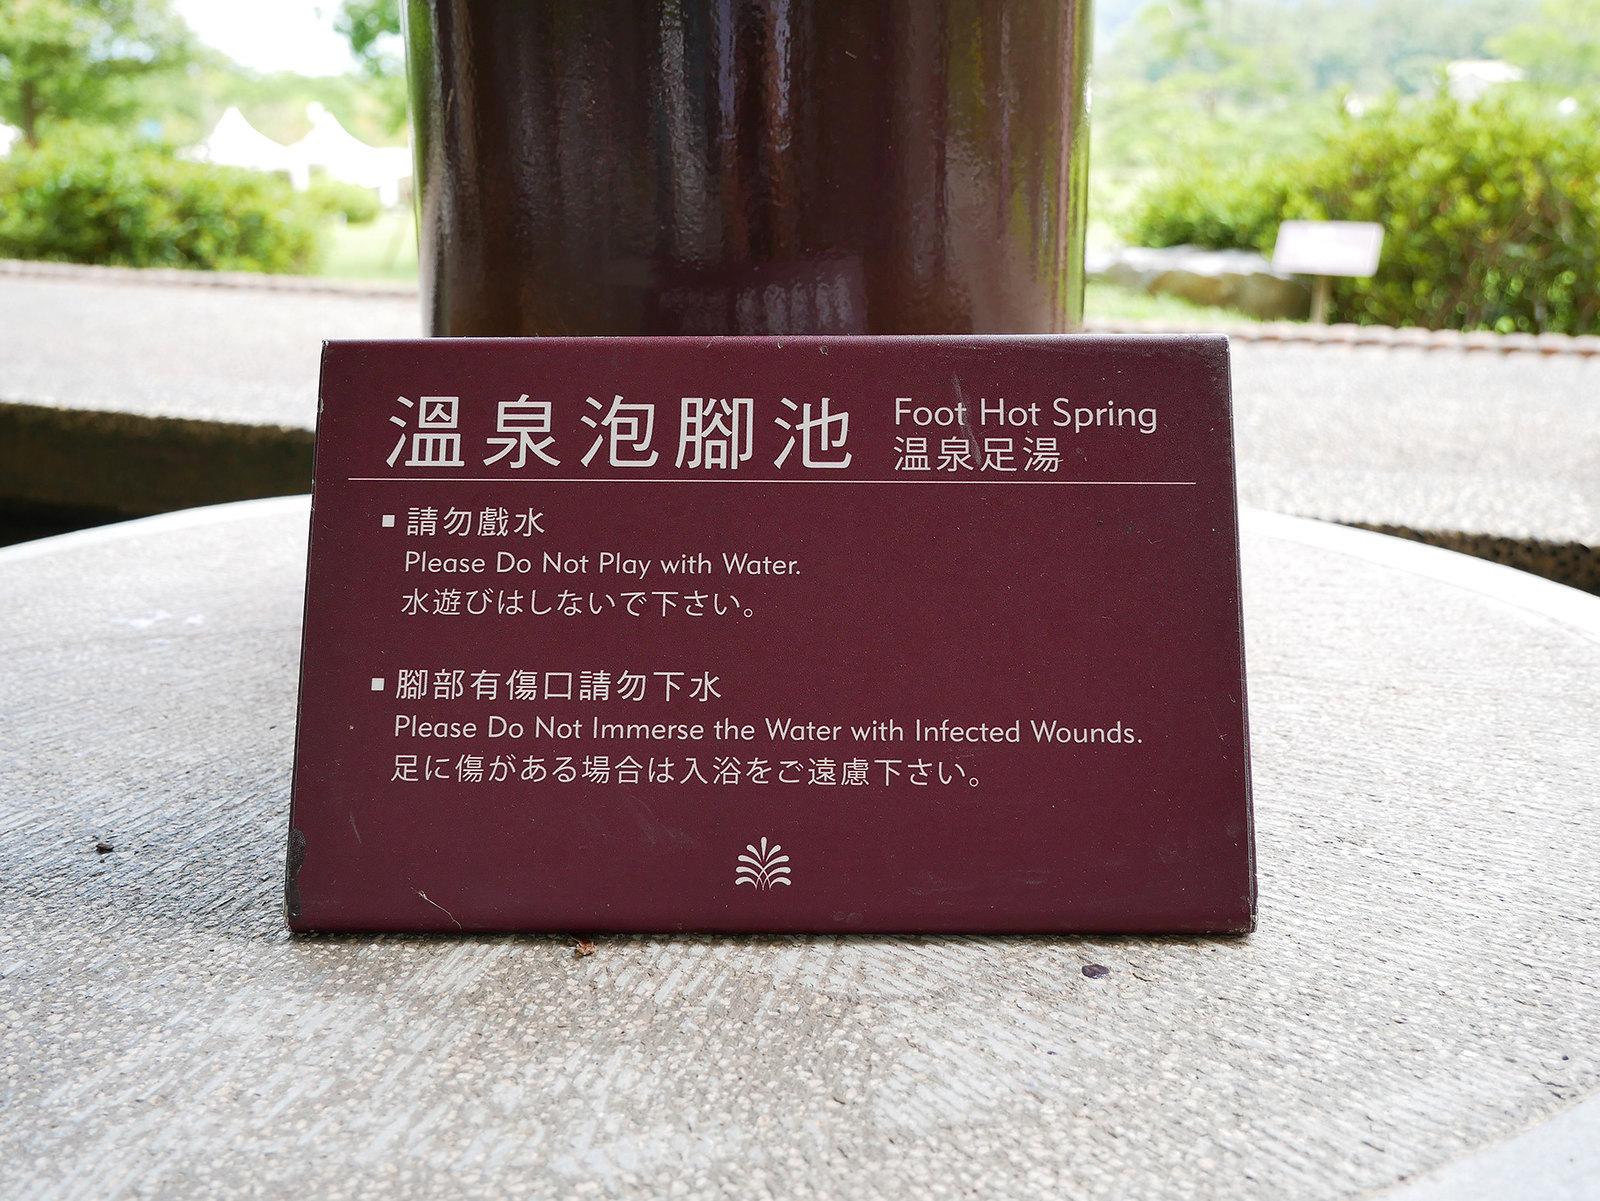 礁溪老爺酒店 溫泉泡腳池